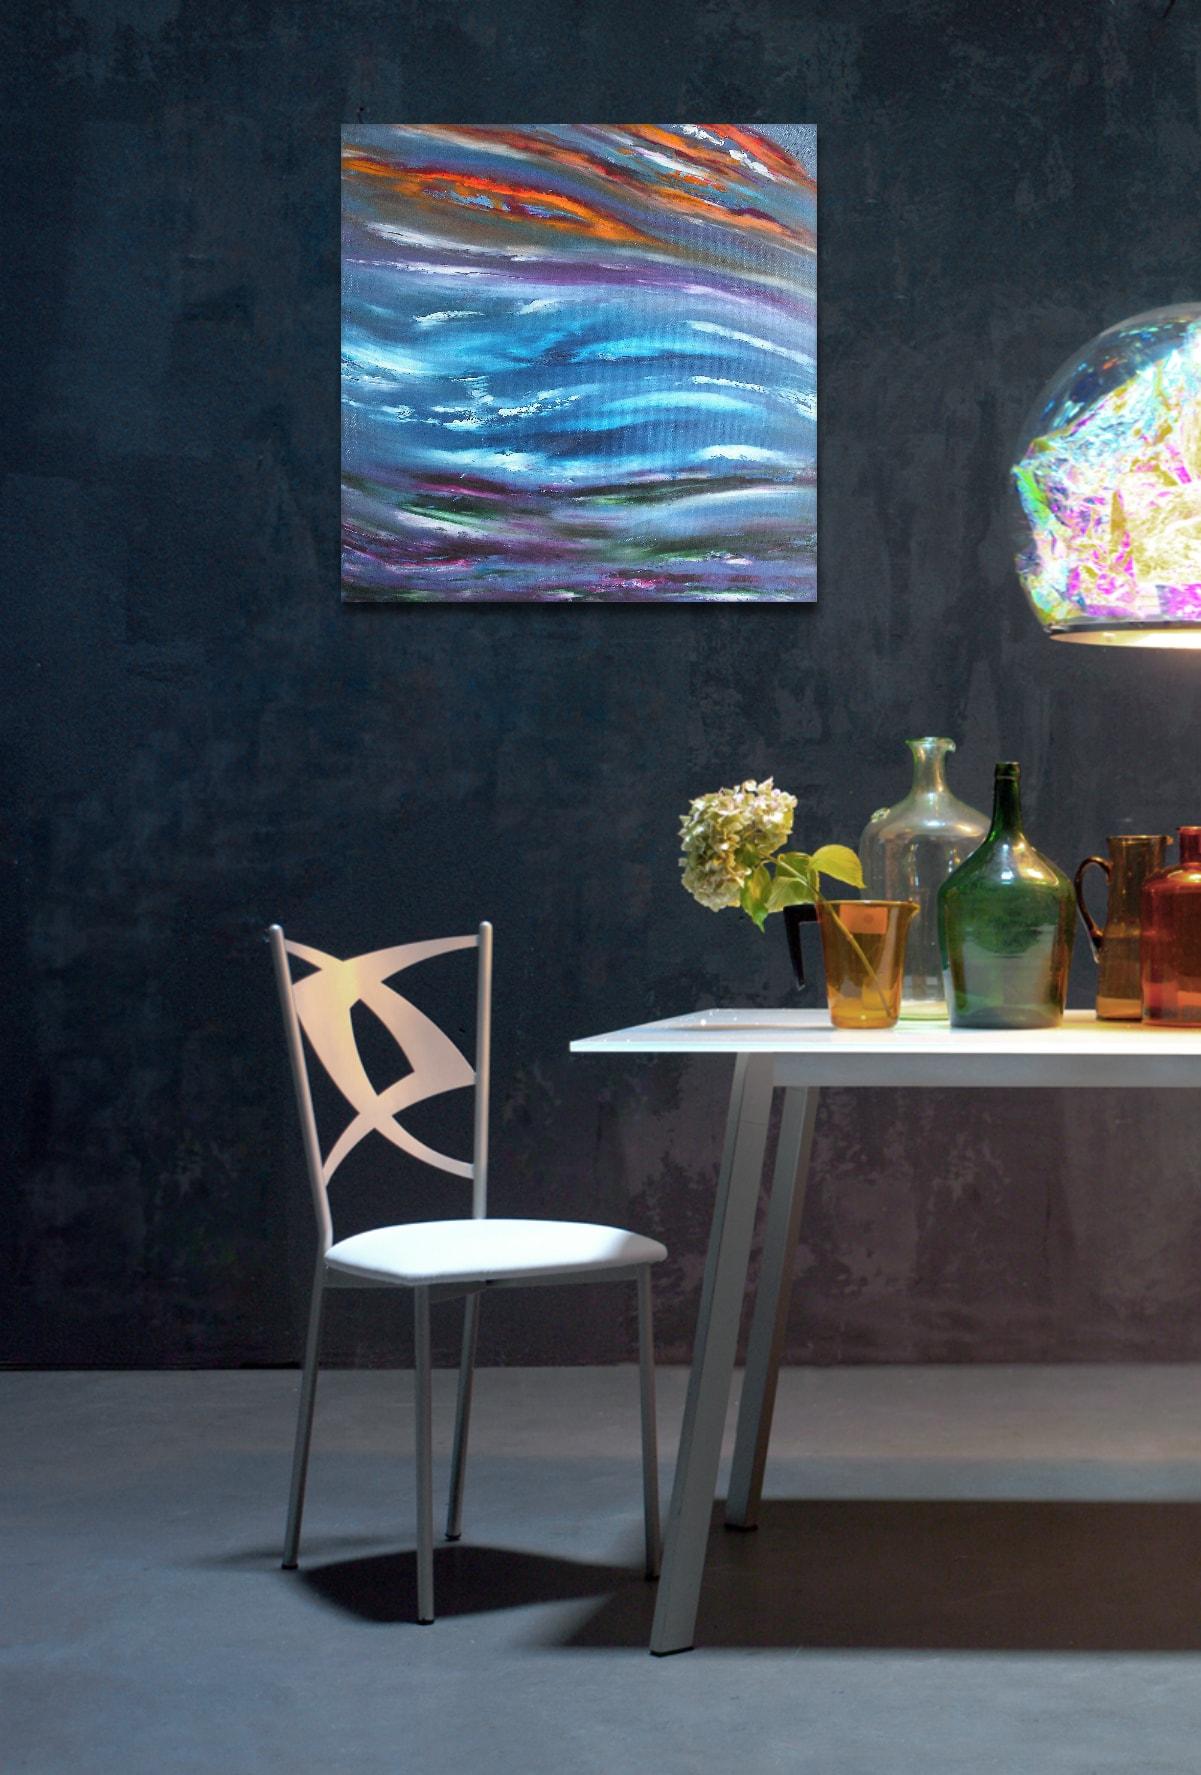 Dream 50x50 cm 11 quadro moderno-min